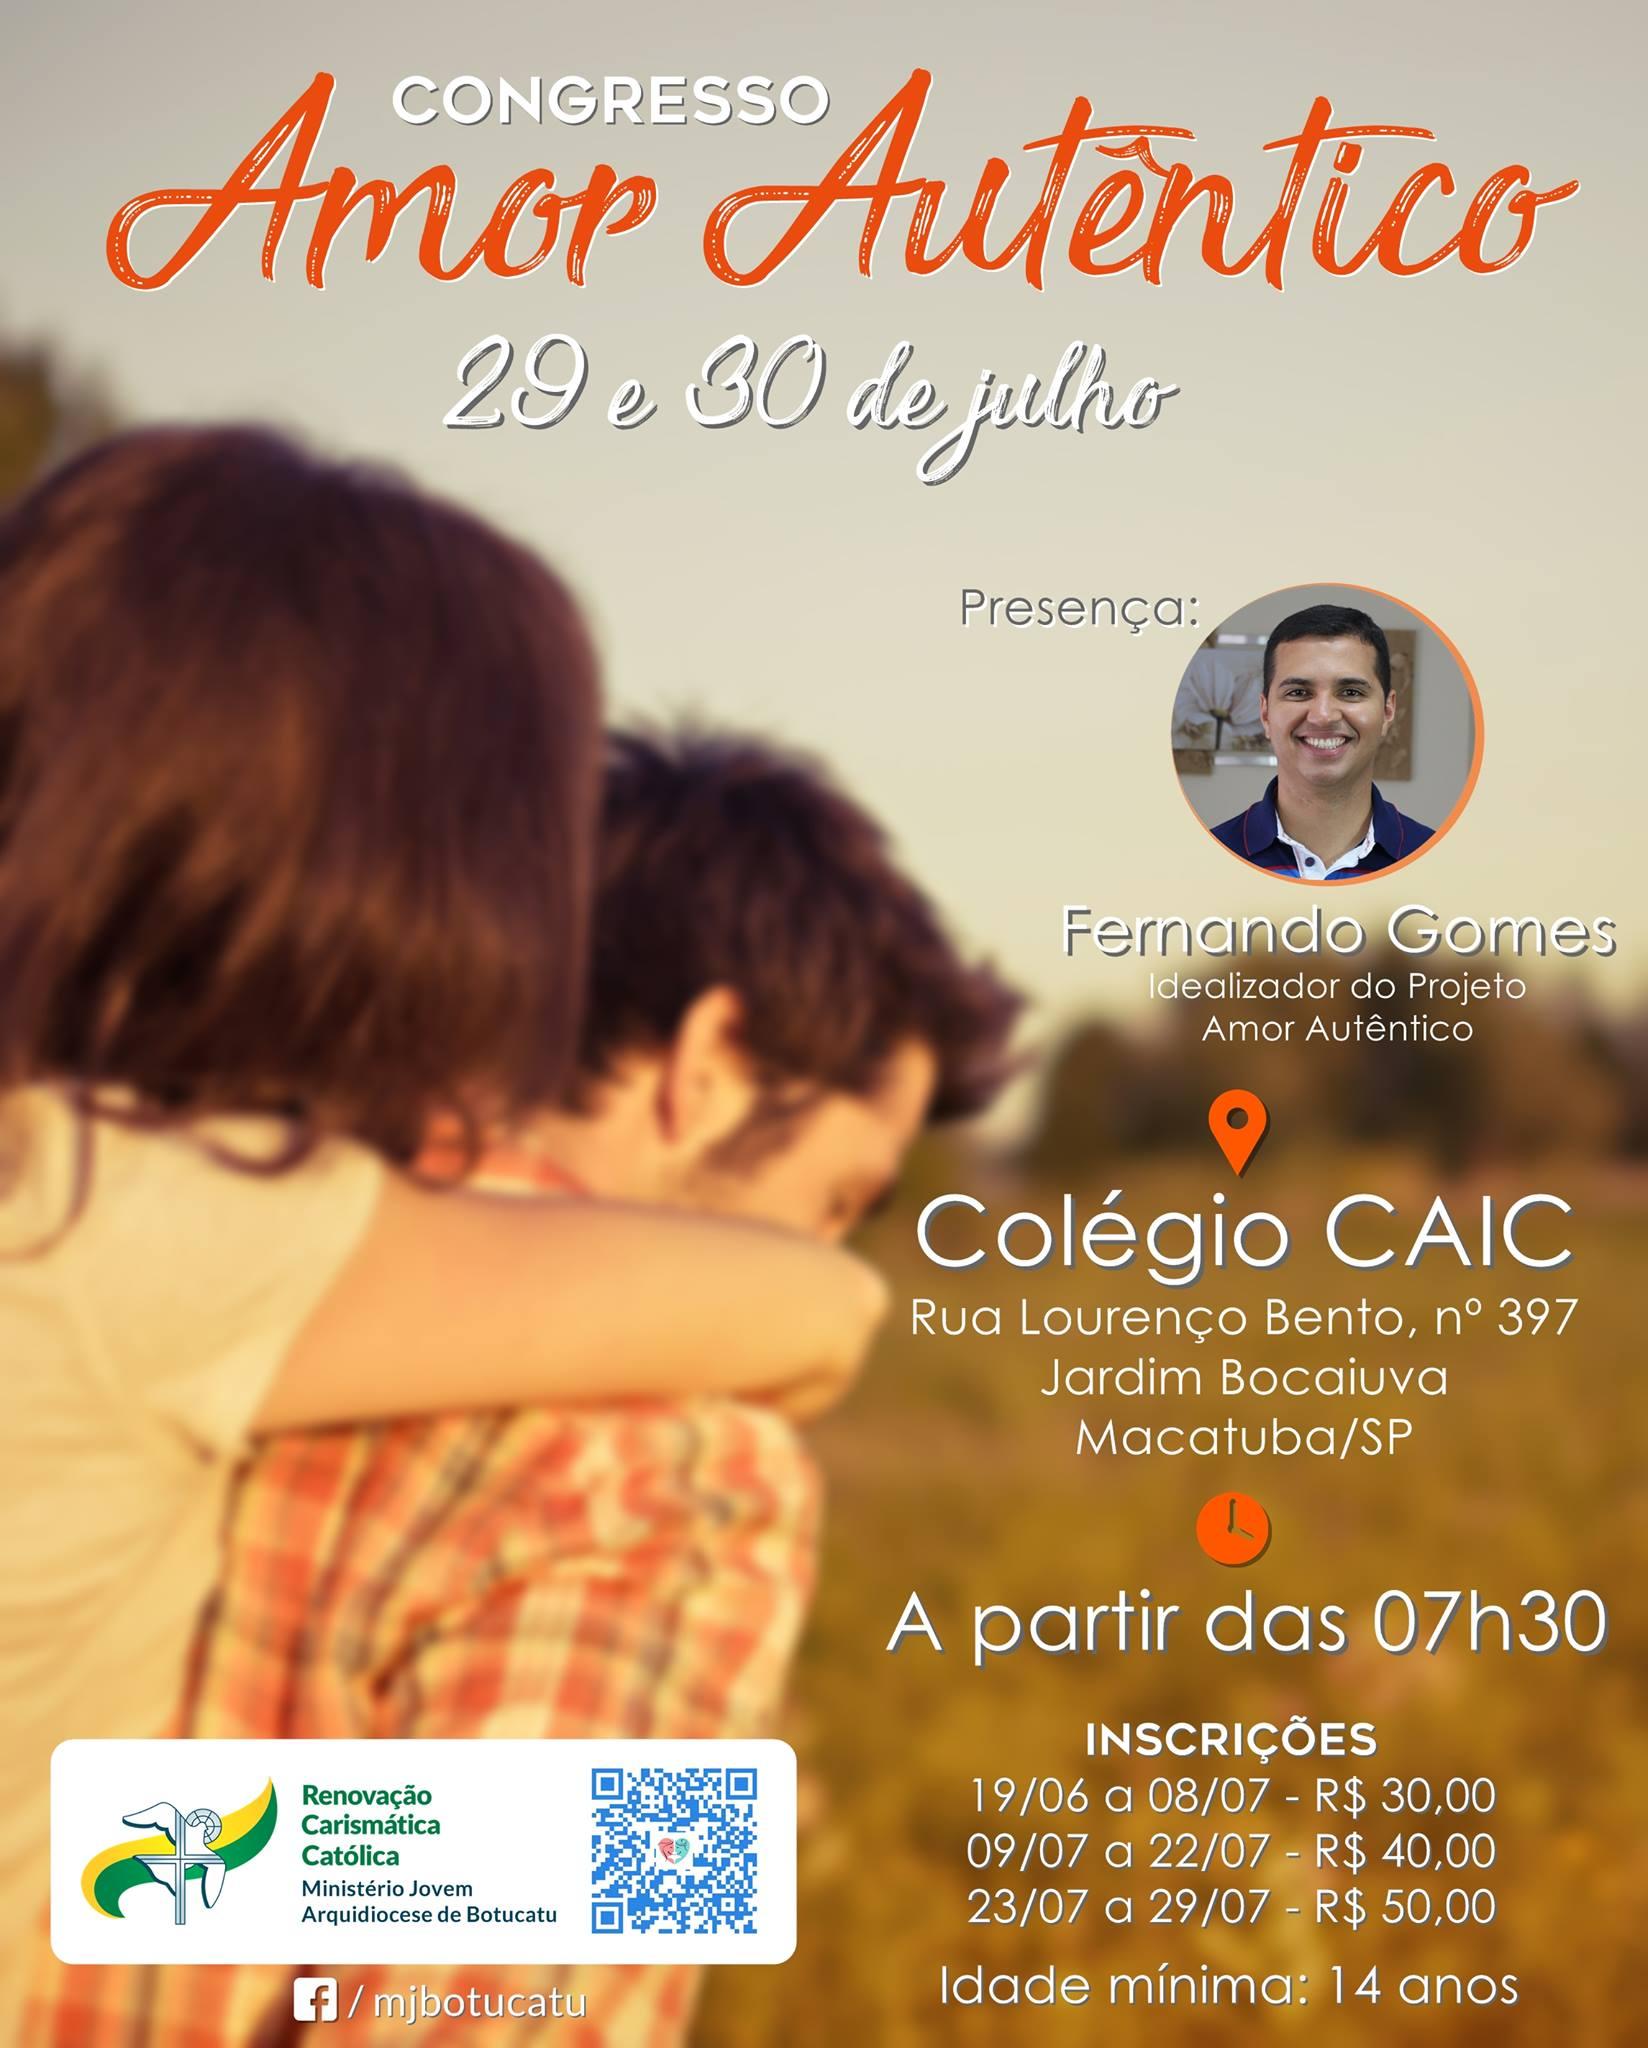 Retiro Amor Autêntico é o próximo encontro aberto da RCC Arquidiocese de Botucatu